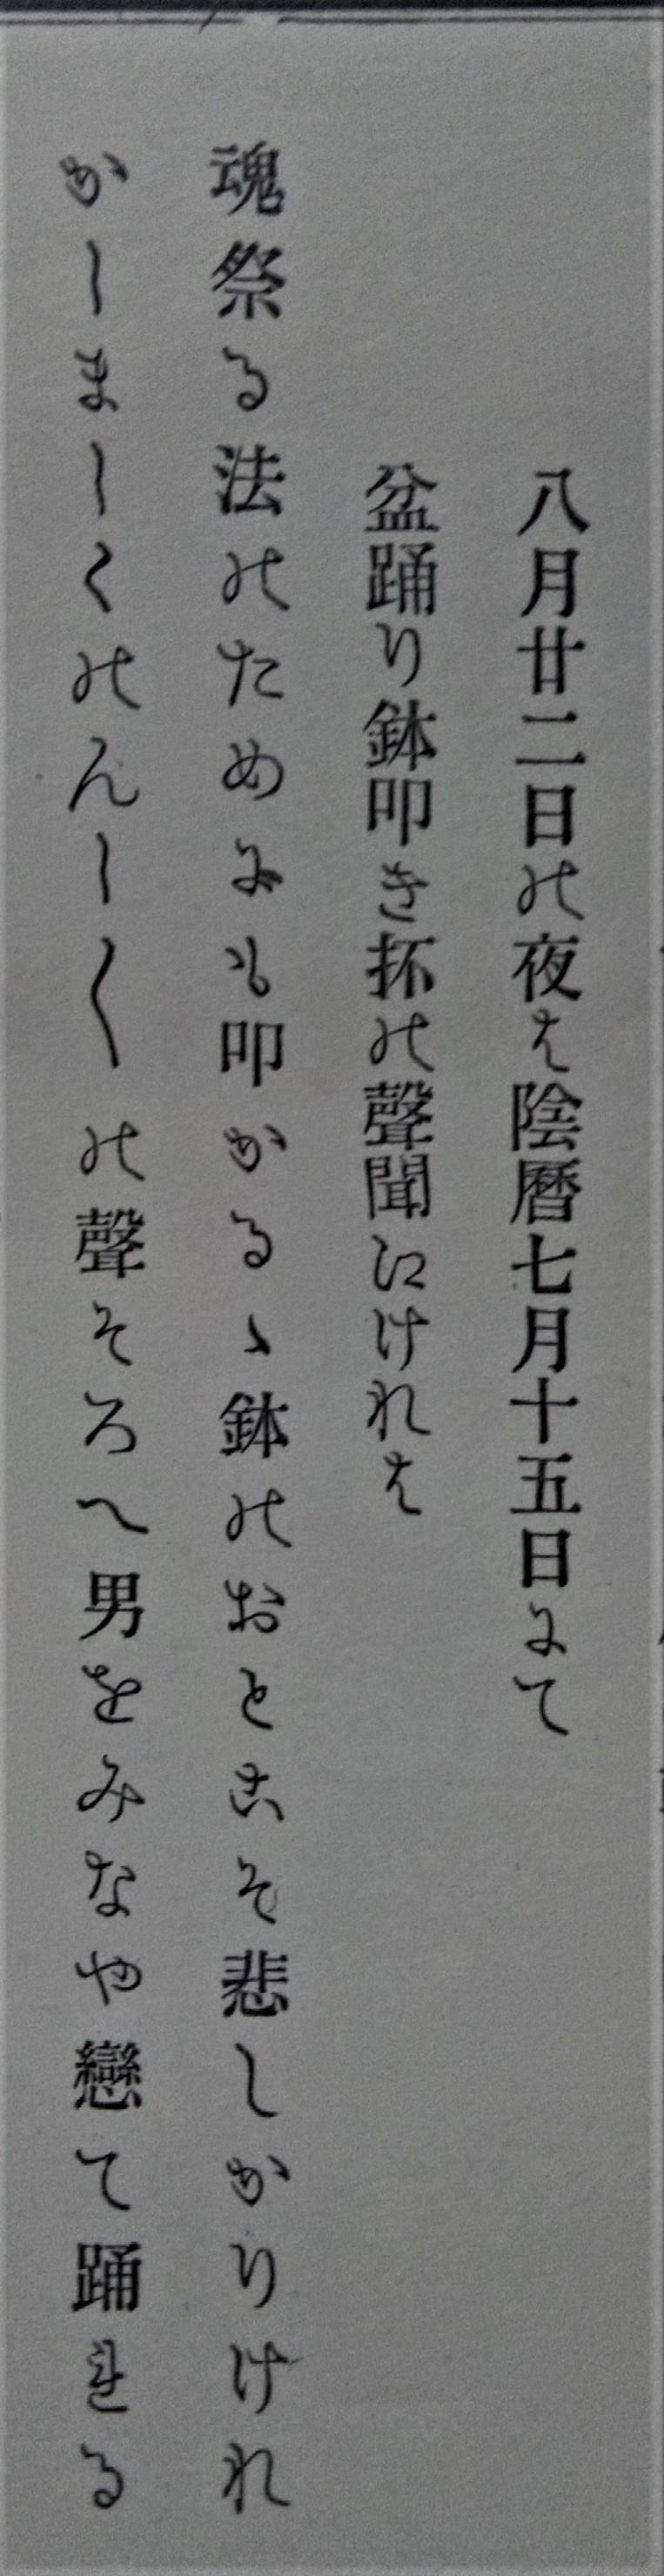 お盆の「六斎念仏」_e0178600_18594581.jpg